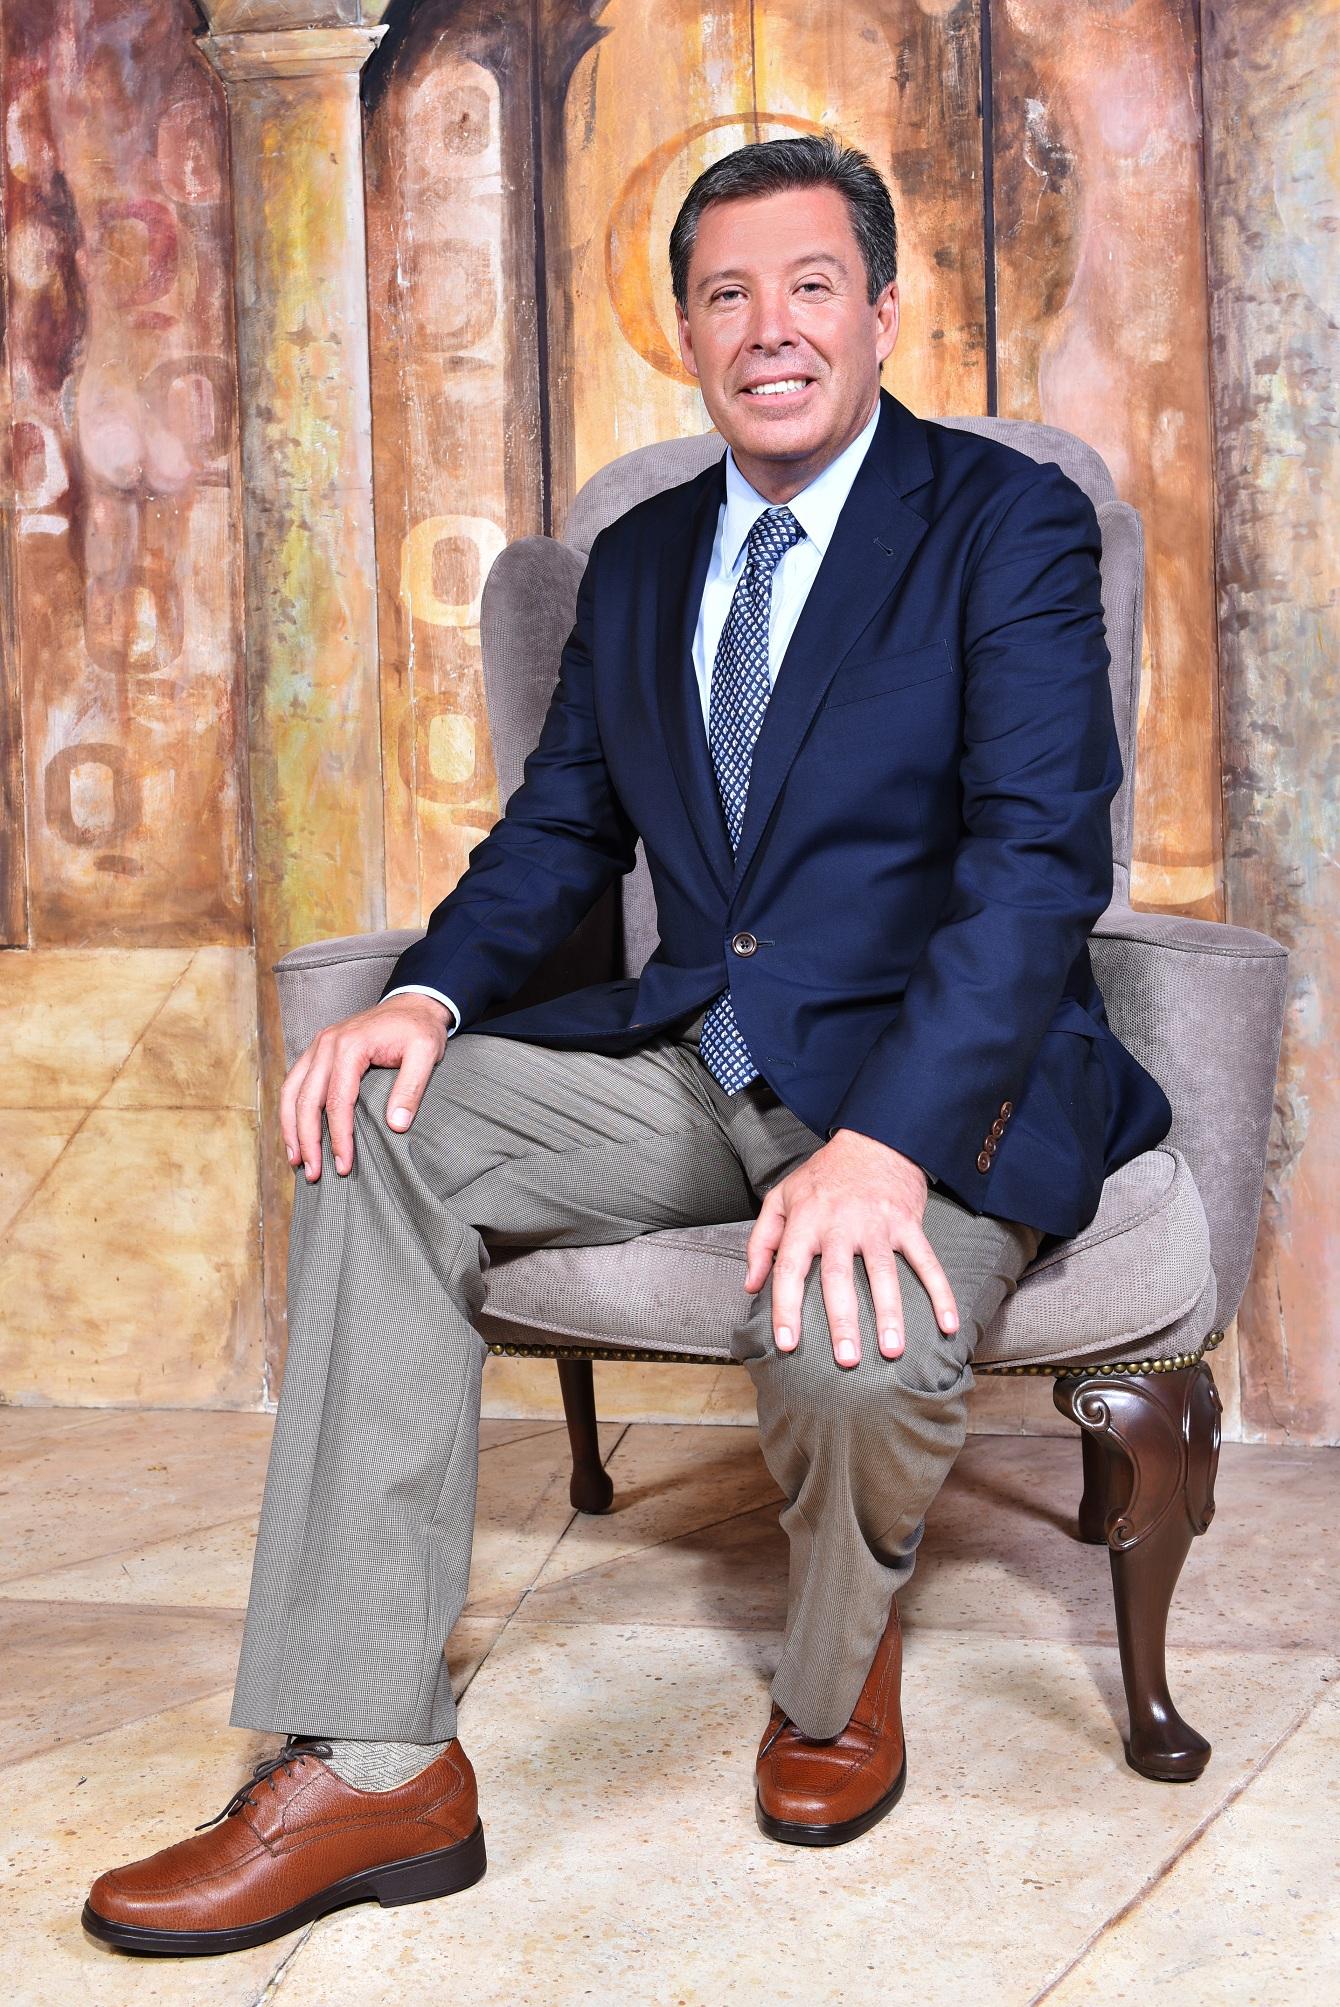 VIP Gobernador de Guanajuato  Miguel Marquez Marquez